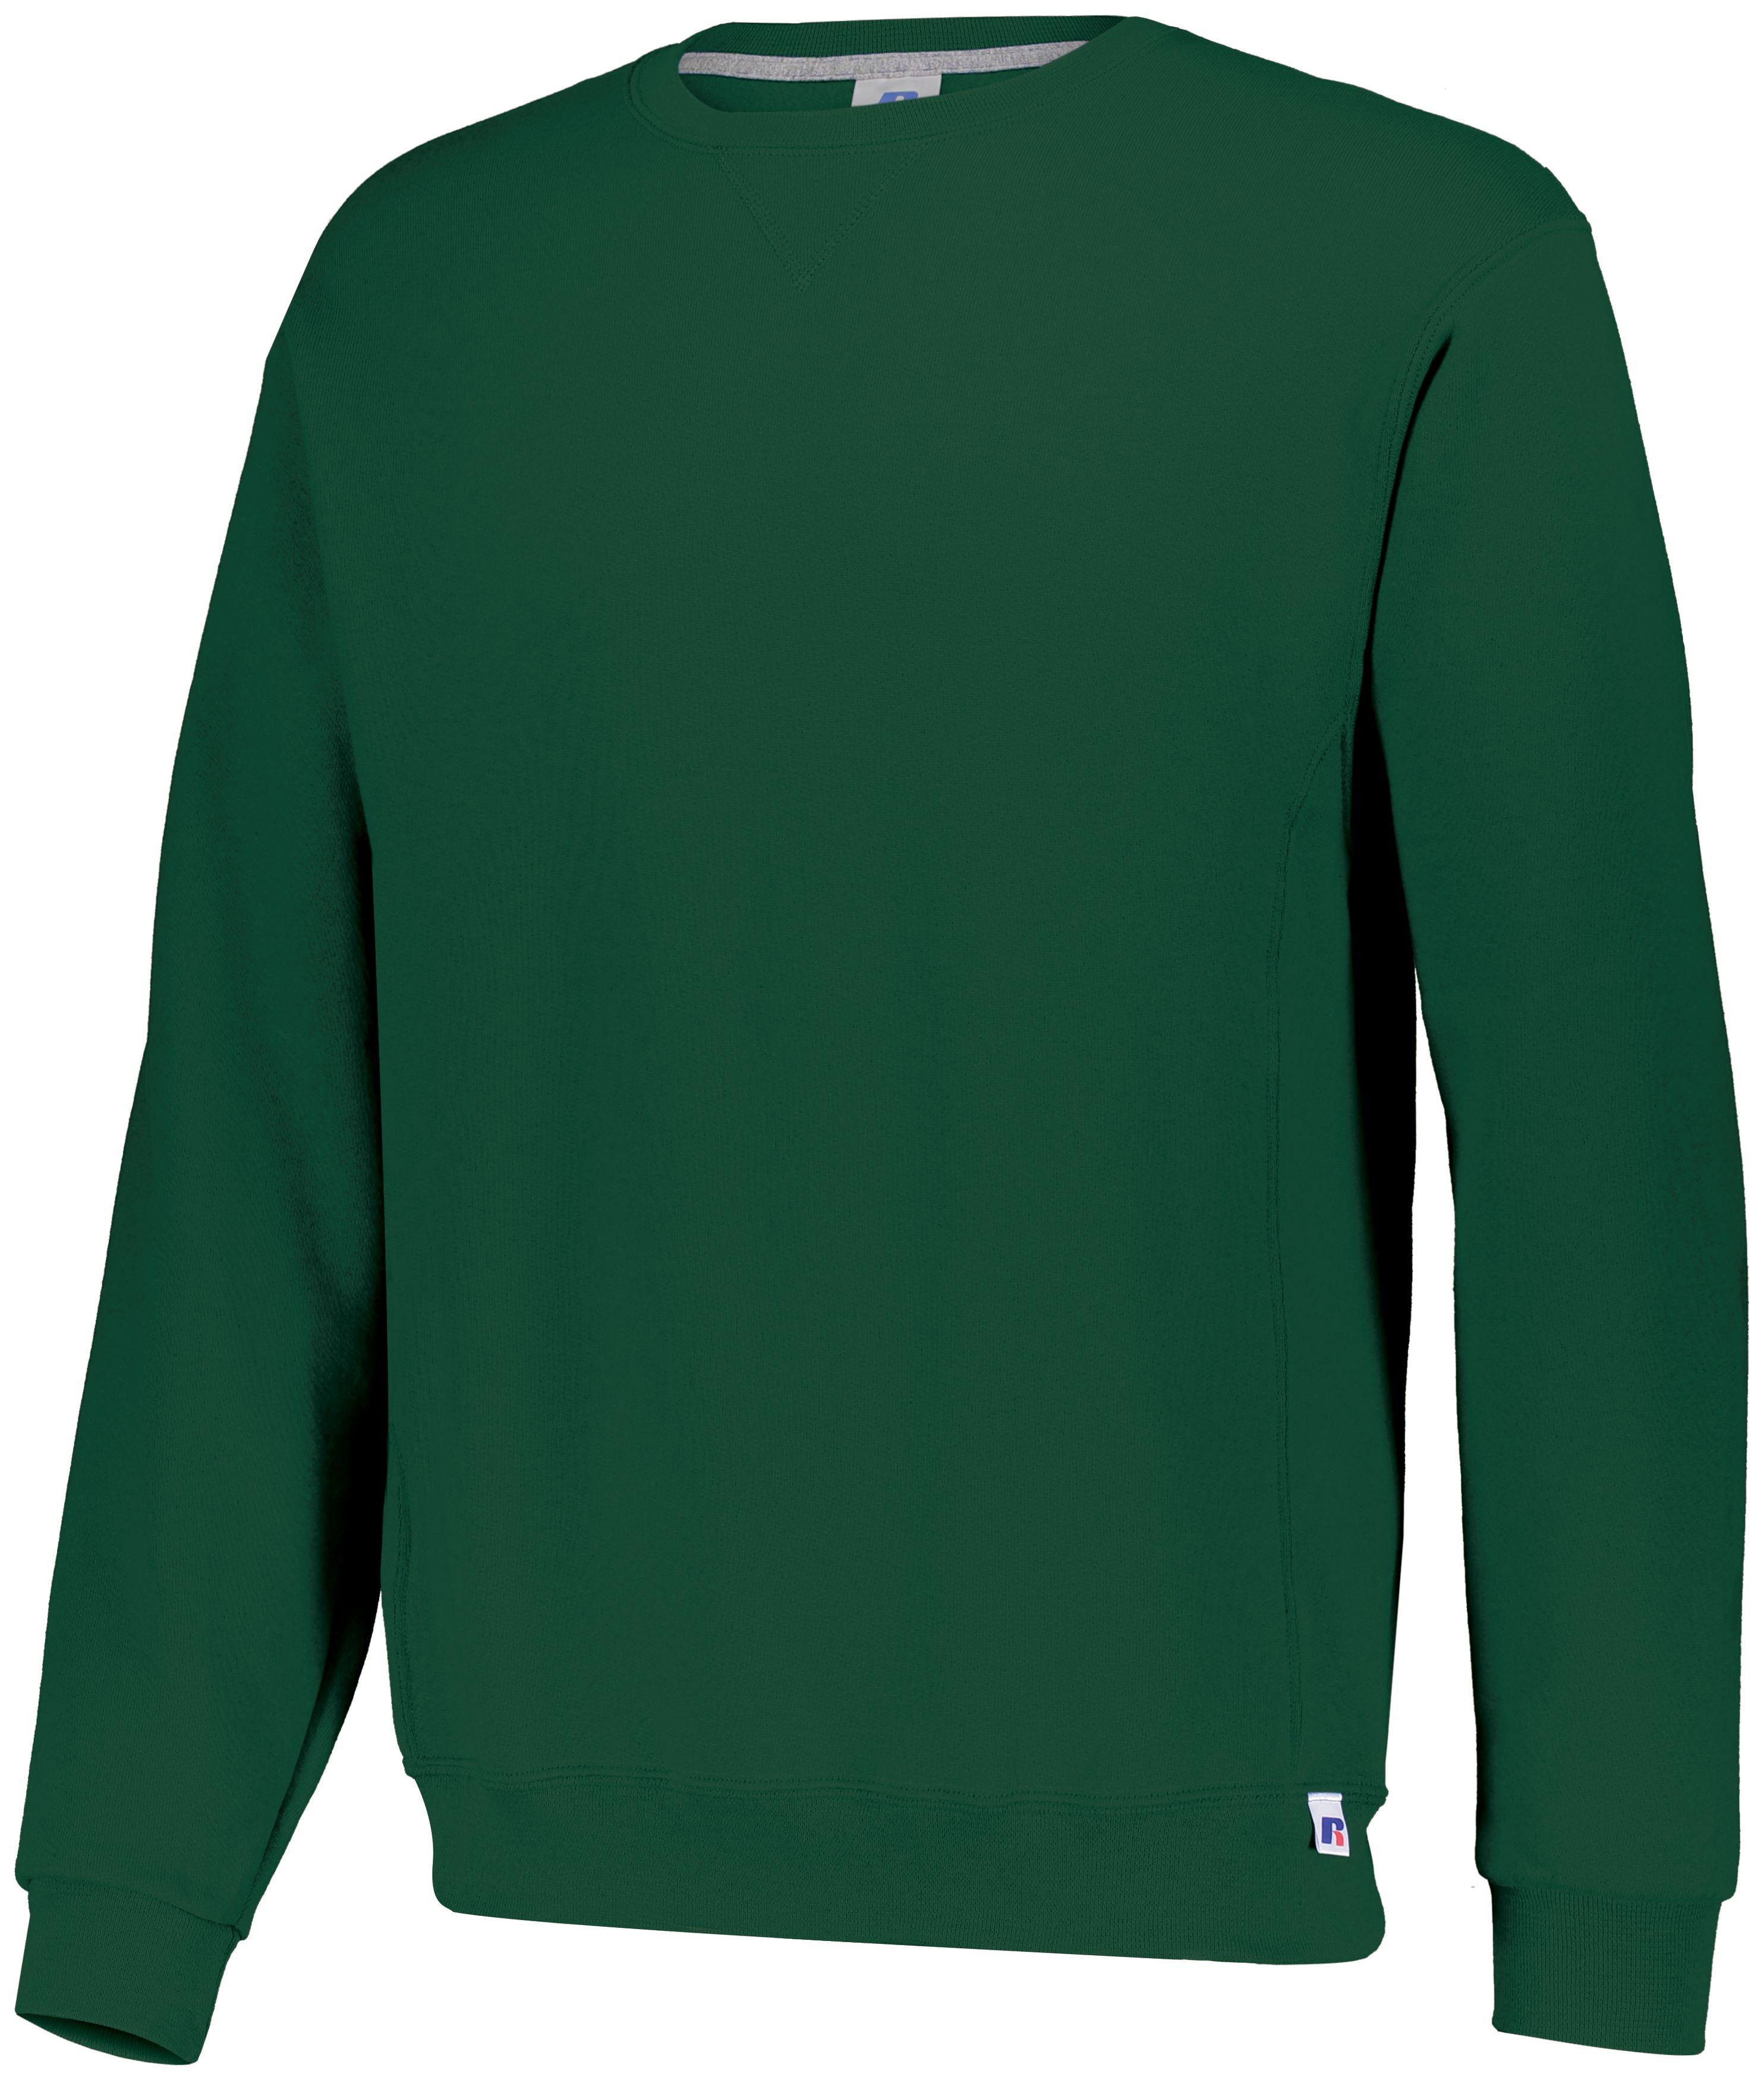 Dri-Power®  Fleece Crew Sweatshirt - Dark Green